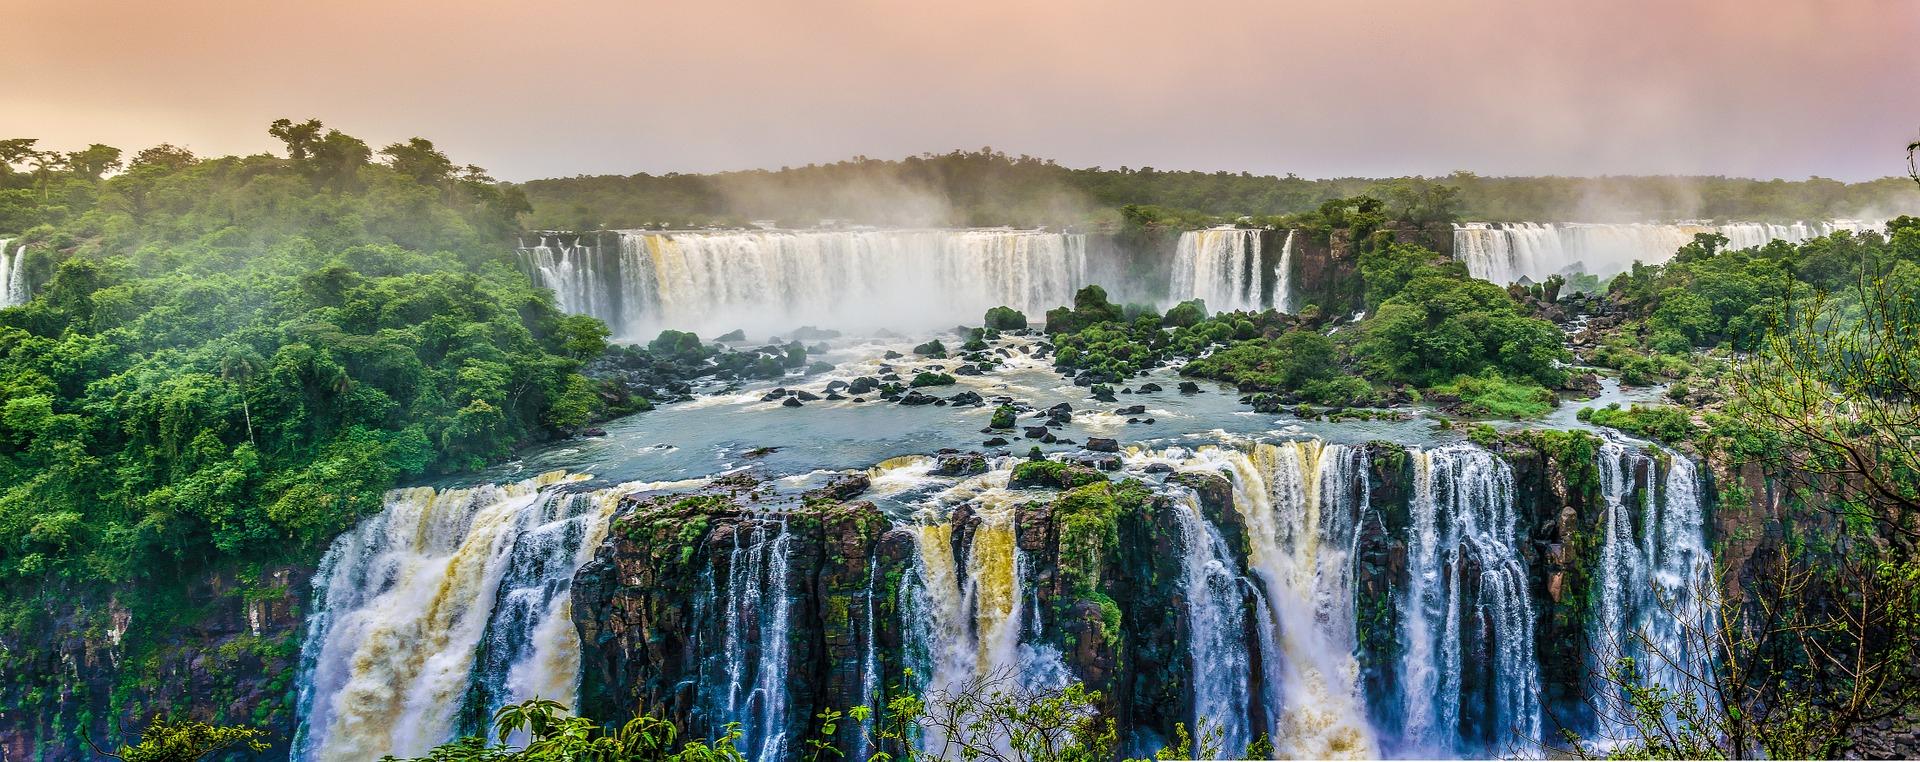 La Piscine La Plus Dangereuse Se Trouve Entre La Zambie Et ... intérieur Plus Grande Piscine Du Monde